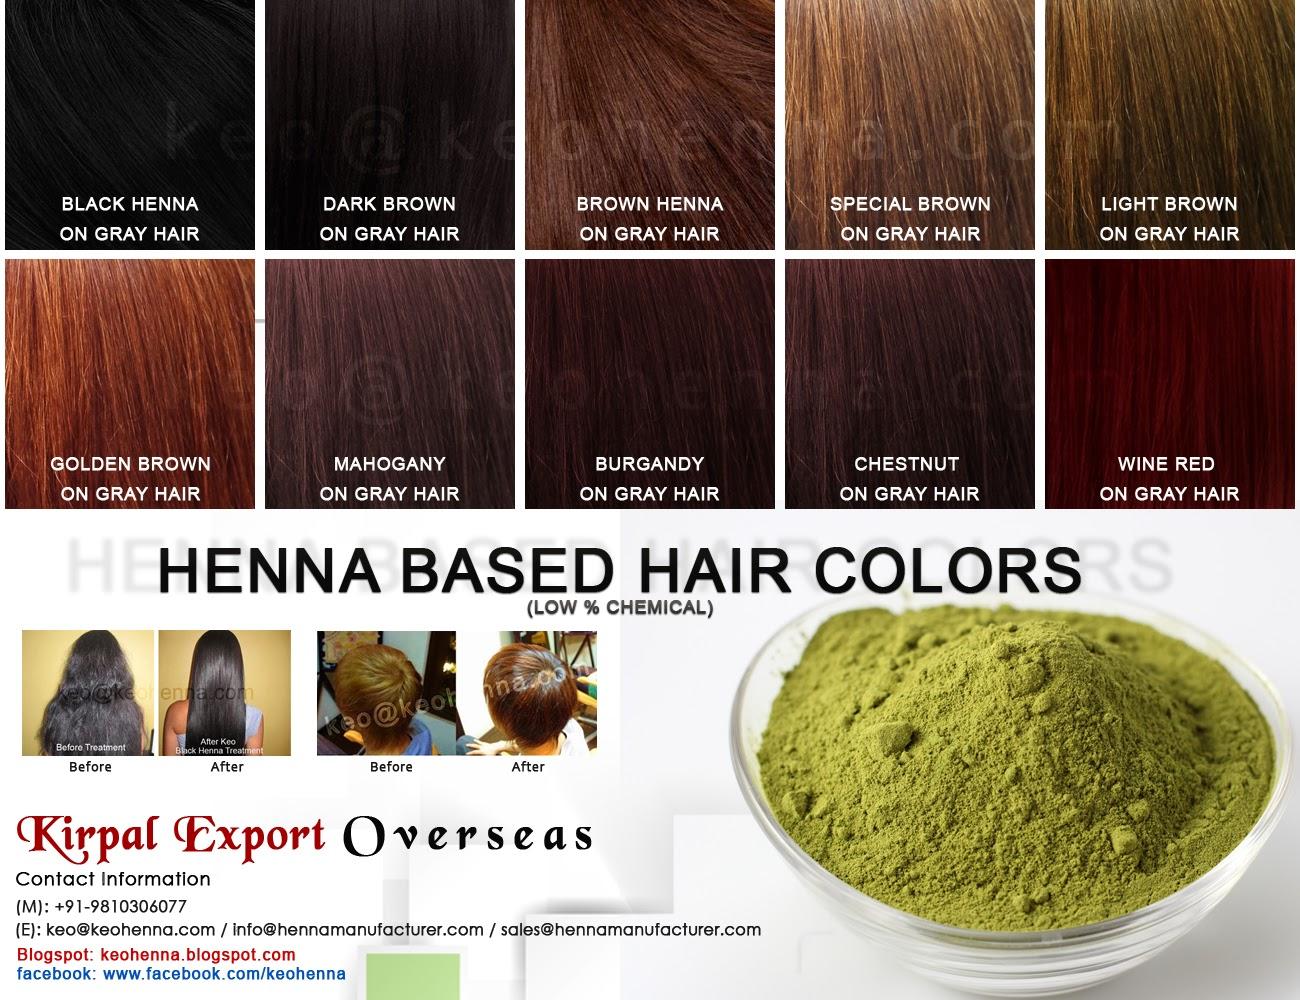 Kirpal Export Overseas Natural Henna Manufacturers KEO39s Henna